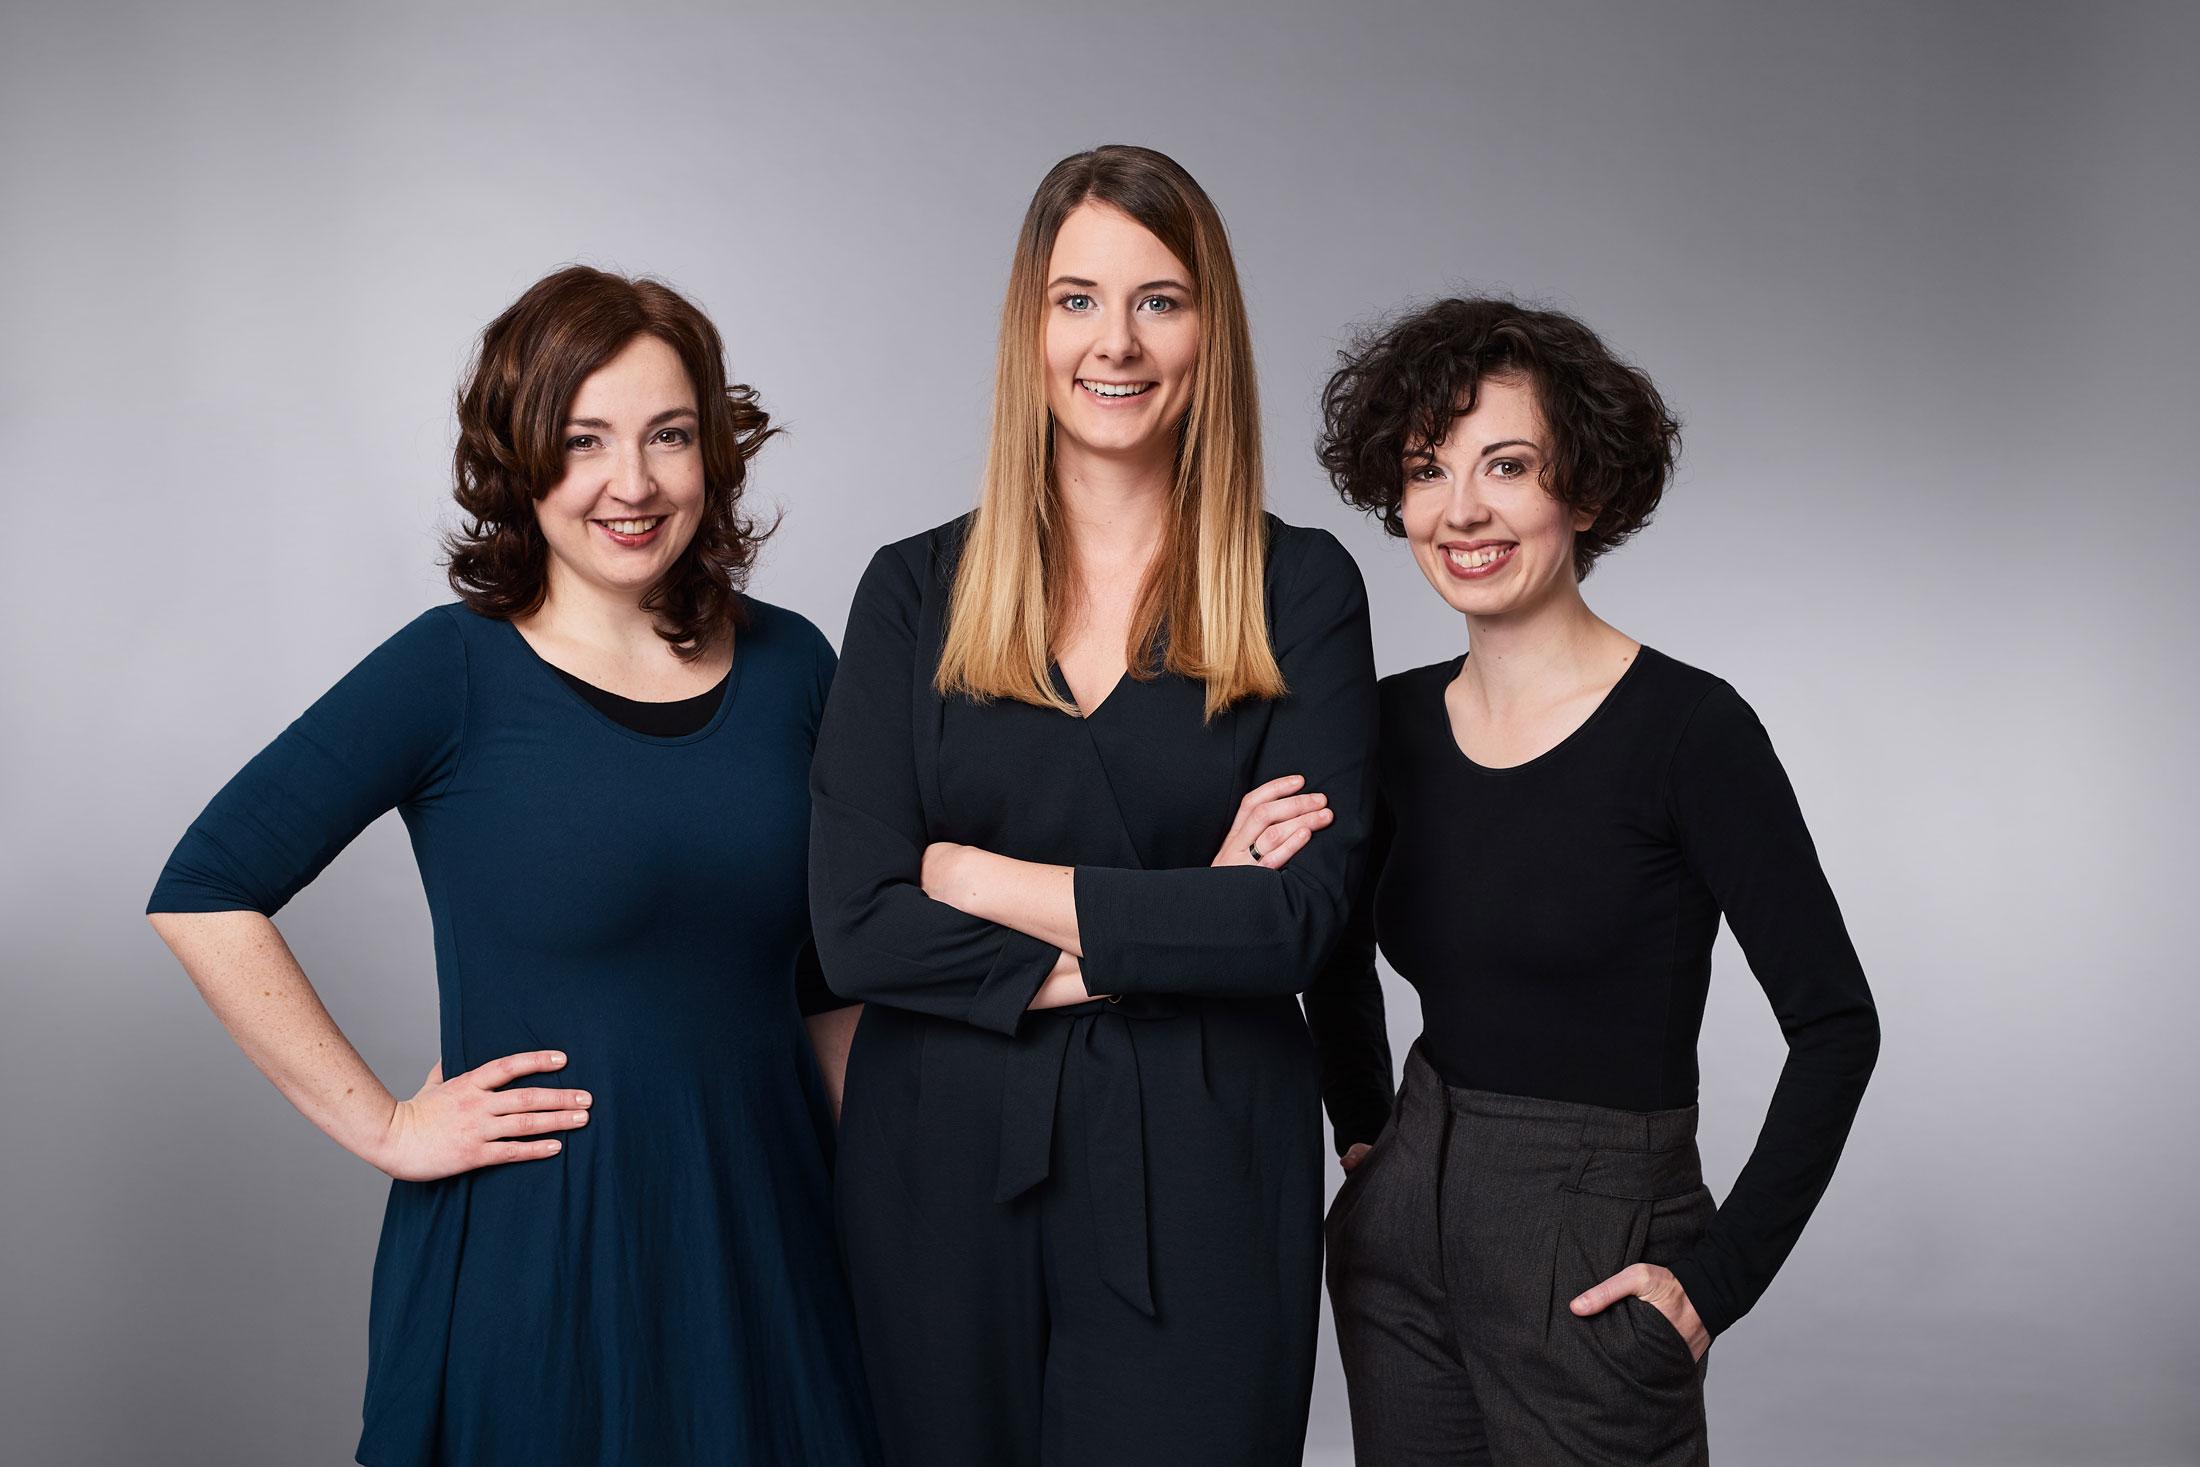 Teamfoto von Julia Pleschke, Irene Zöhrer und Klara Rabl